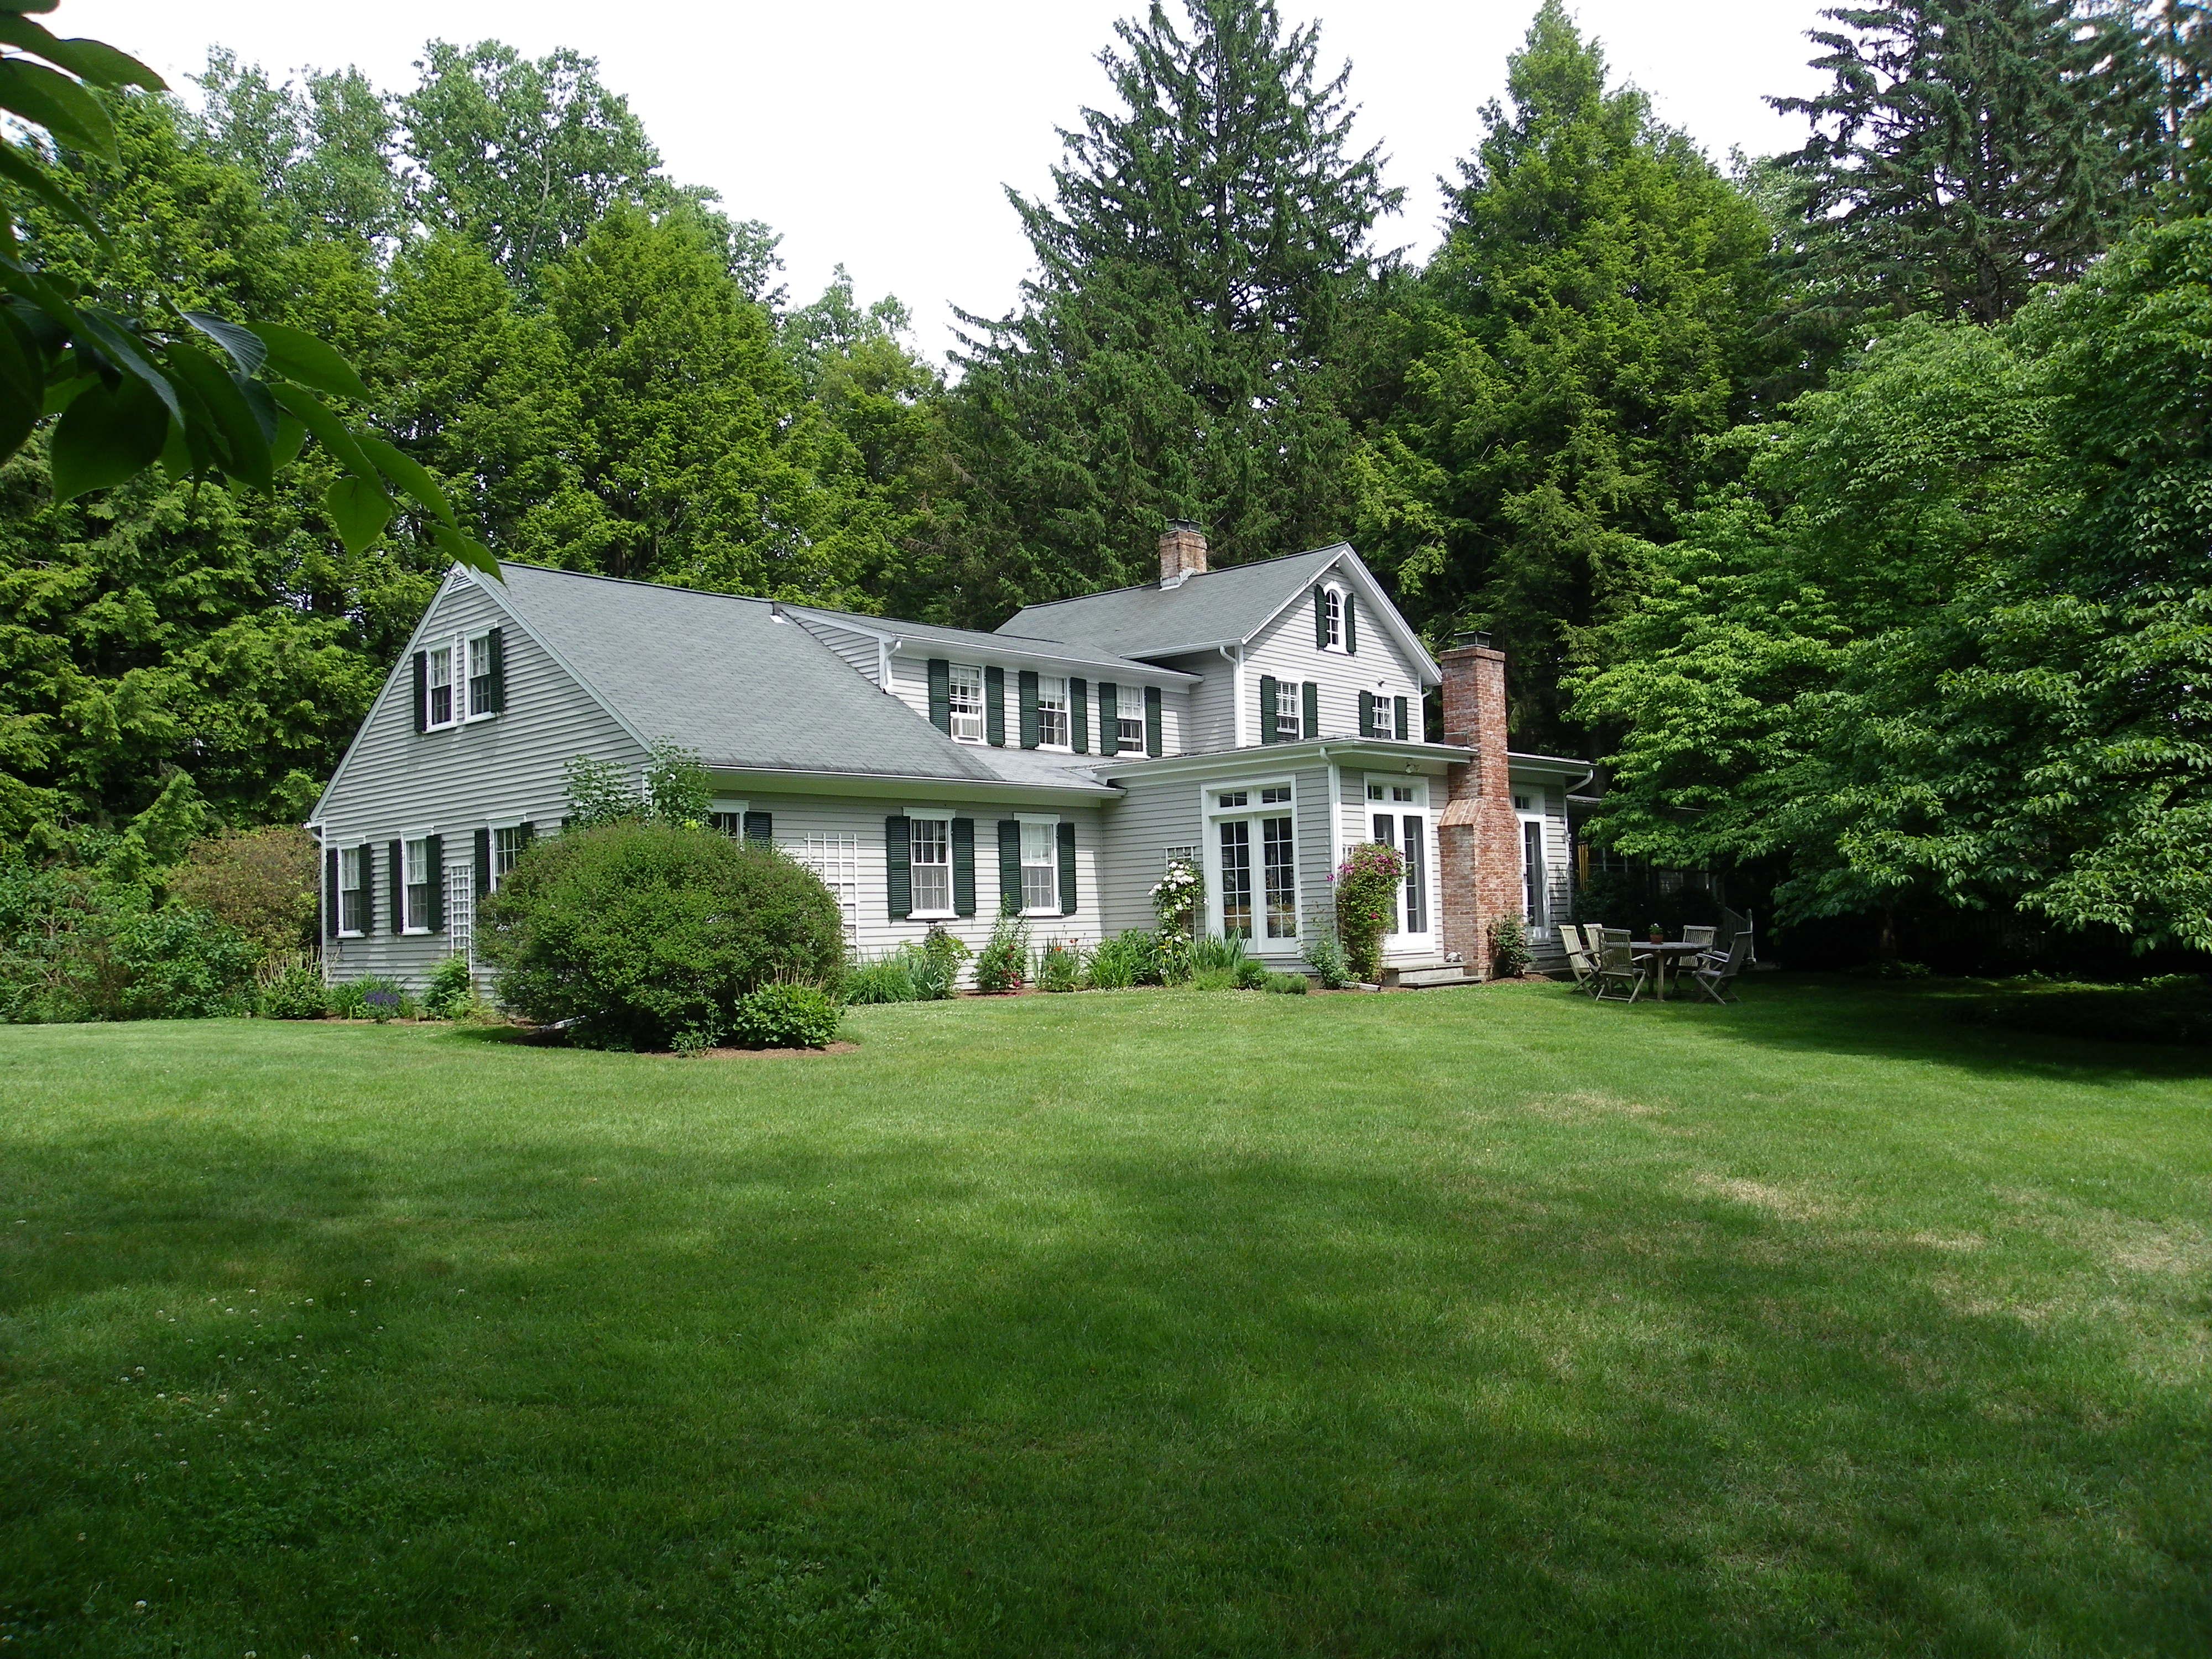 Villa per Vendita alle ore Farm House in Pastoral Setting 17 Old Rock Lane Norwalk, Connecticut 06850 Stati Uniti